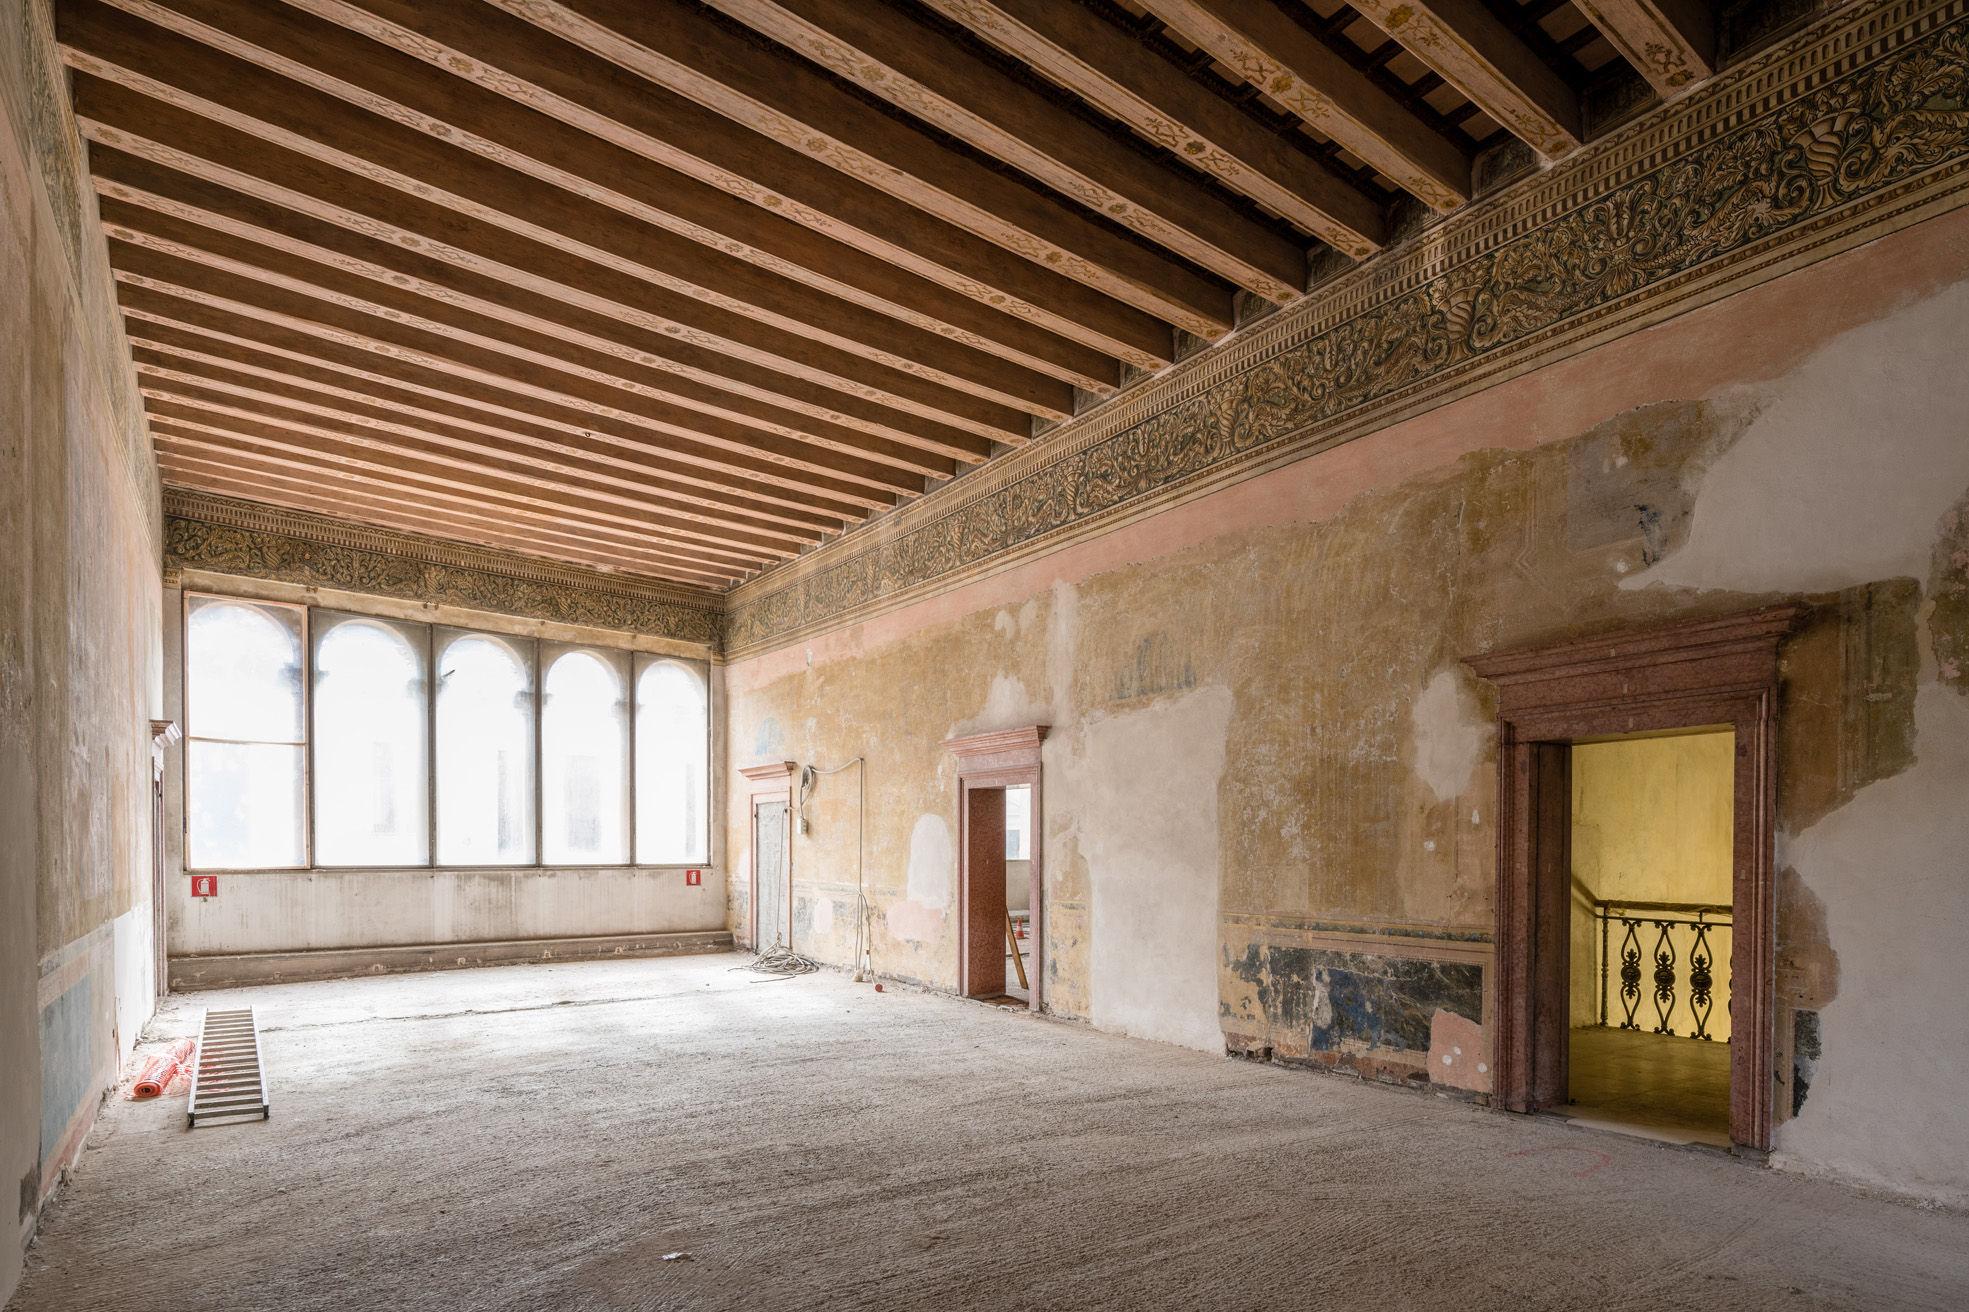 Restauro di Palazzo Roccabonella - image 1